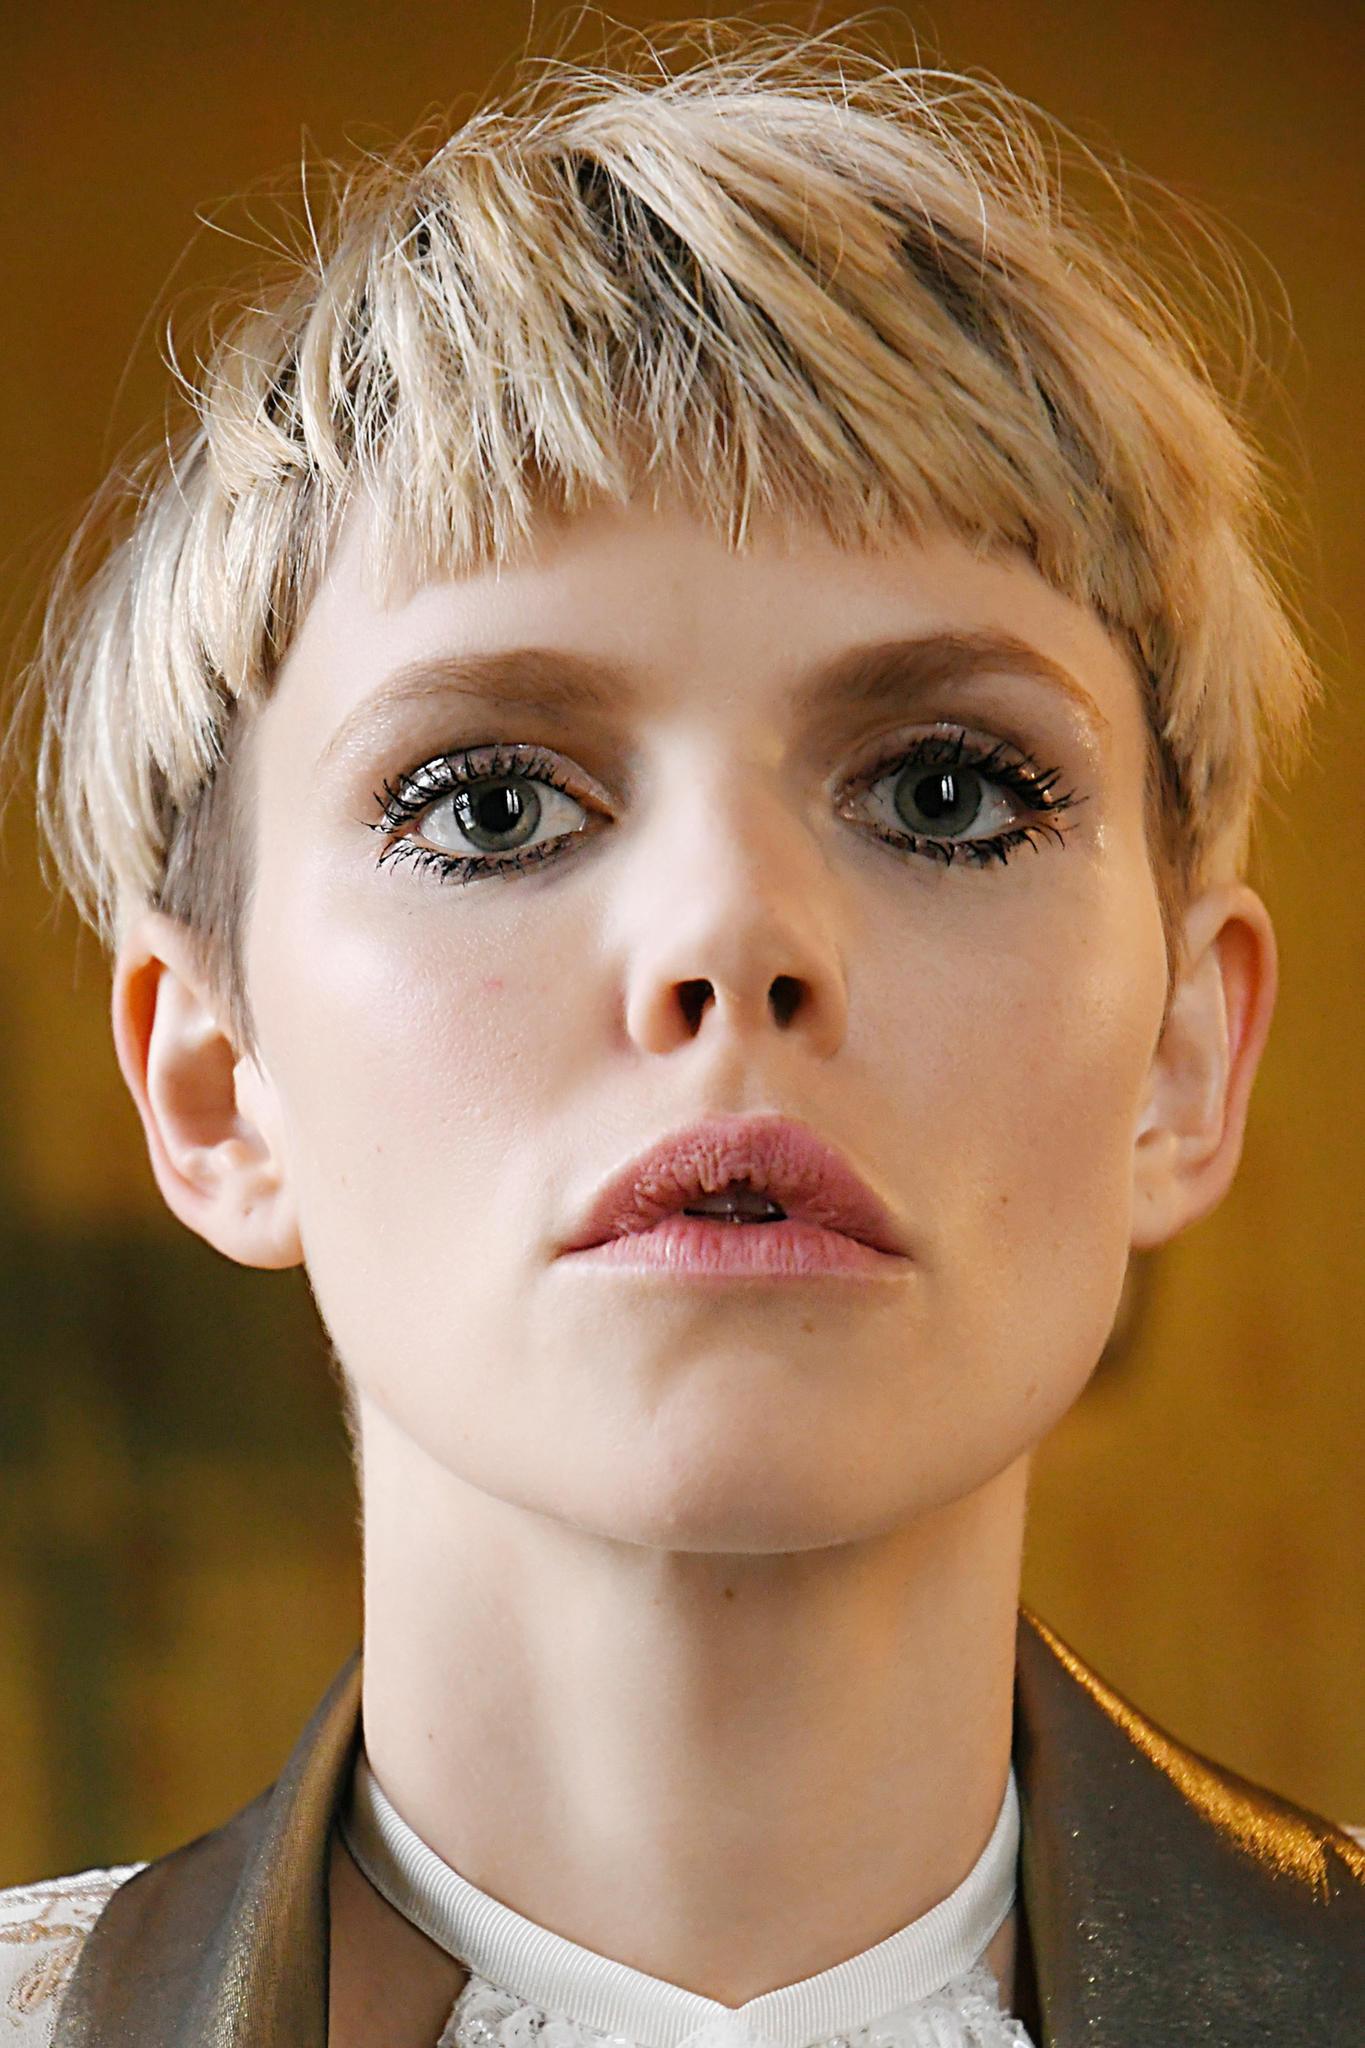 Frisuren Bilder Kurz  Kurzhaarfrisuren Die schönsten Schnitte für kurze Haare